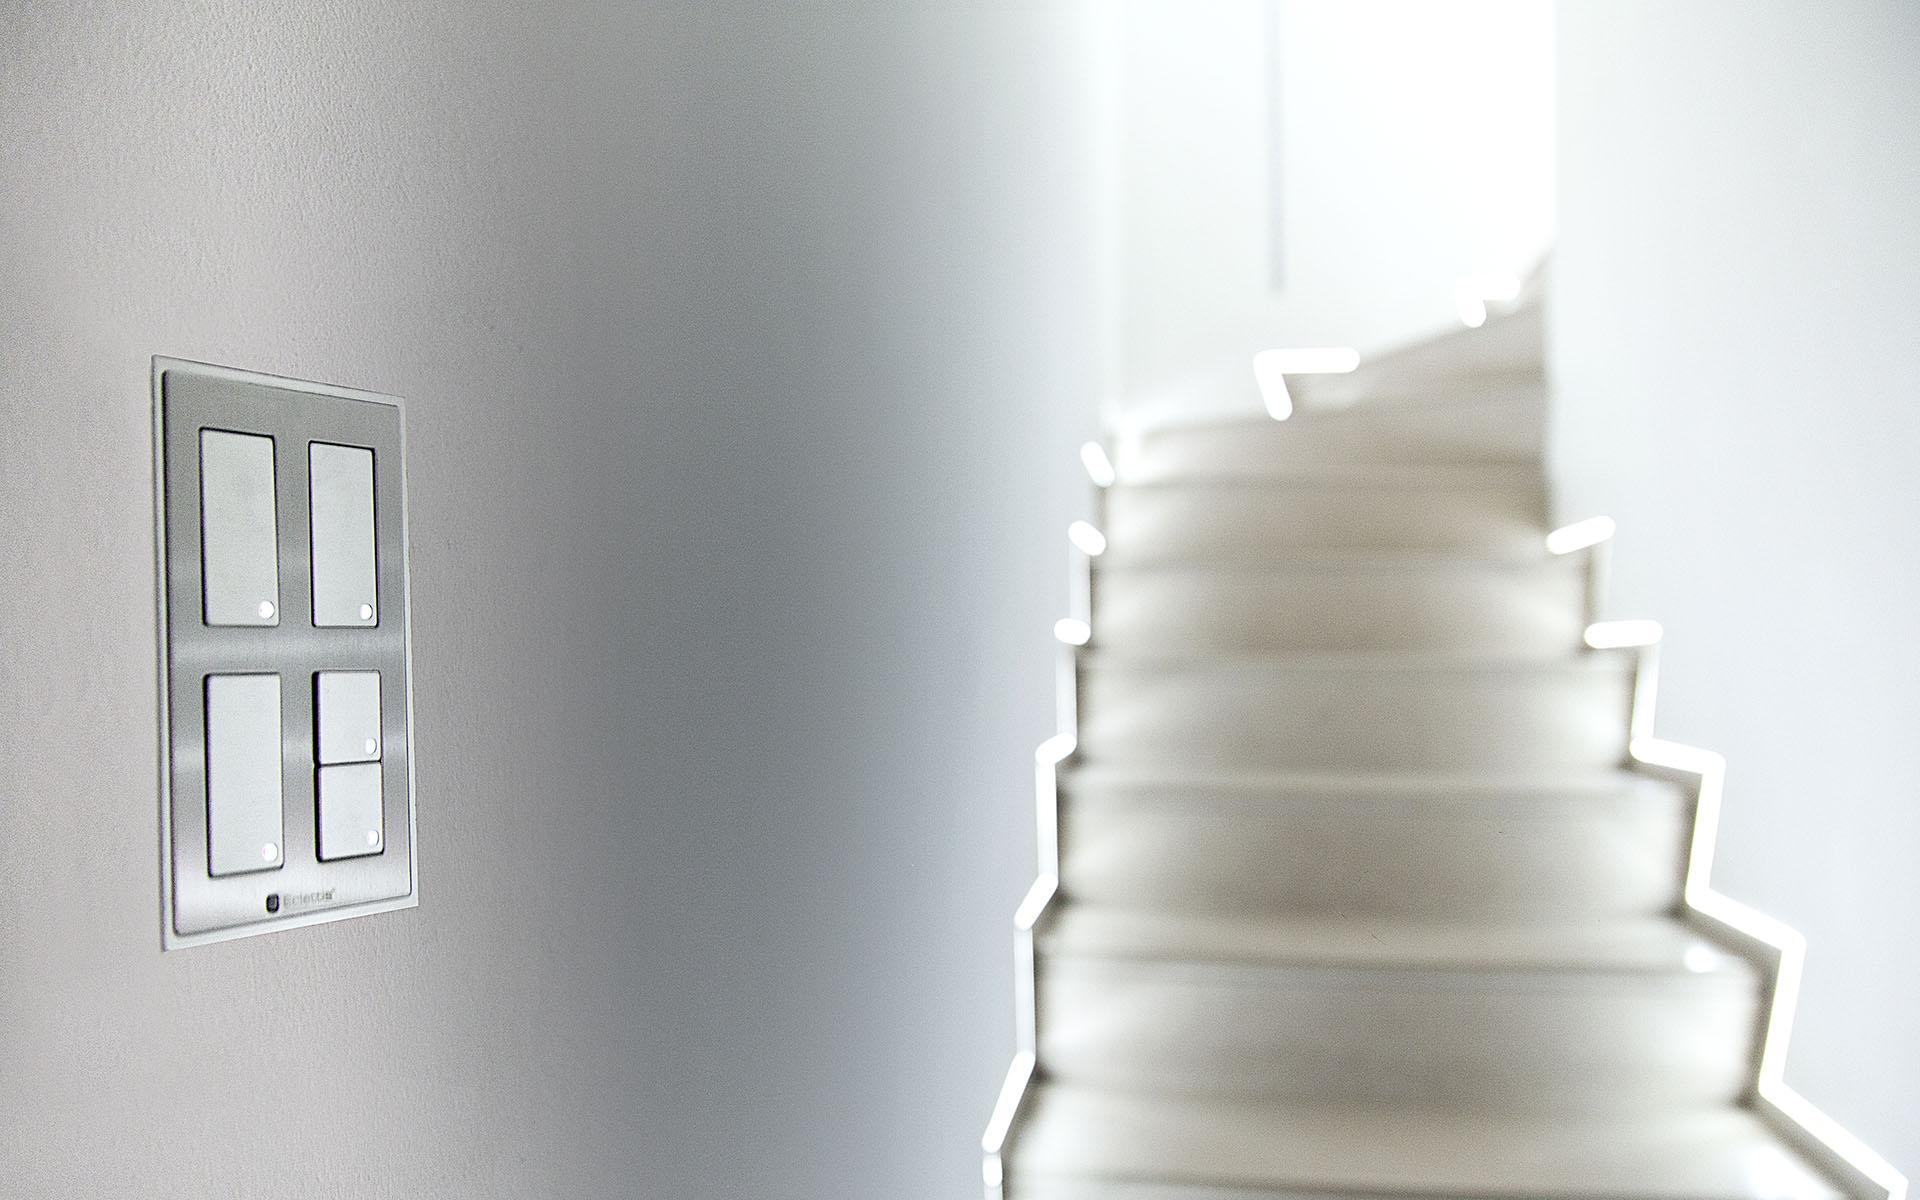 Smoothline-Serie-elettrica-civile-filo-muro-per-impianti-domotici